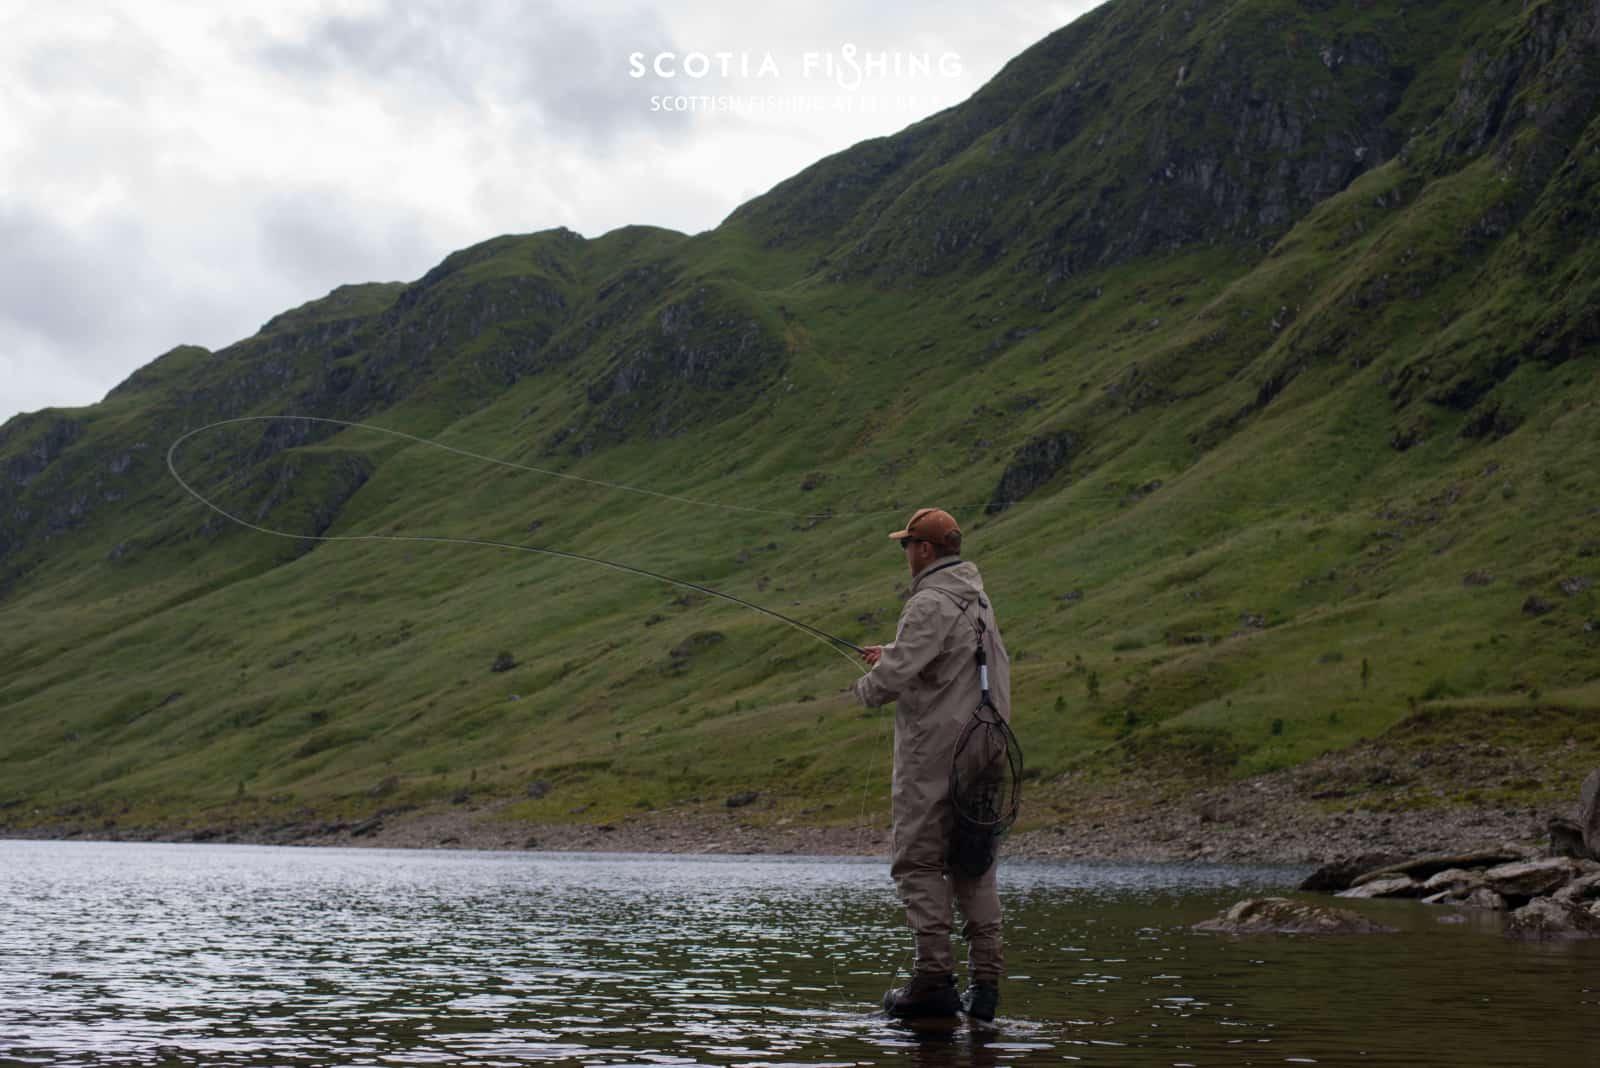 hill-loch-brown-trout-scotland